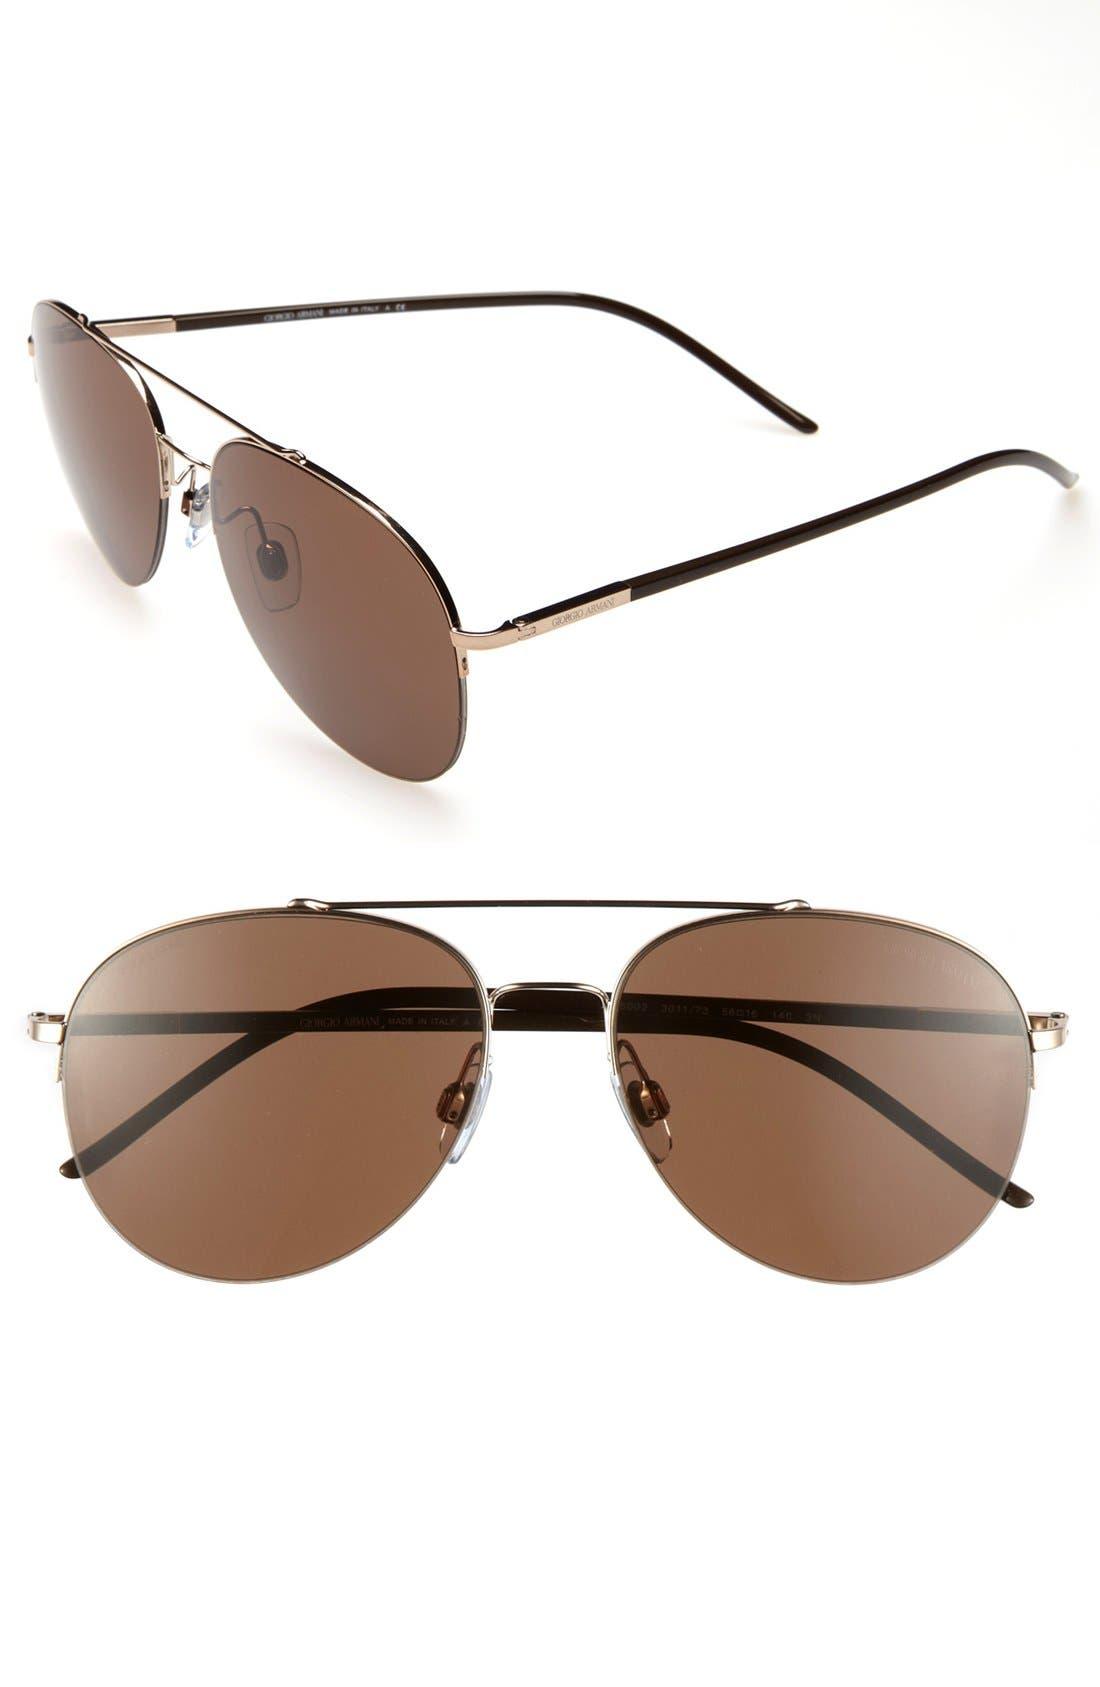 Main Image - Giorgio Armani 56mm Aviator Sunglasses